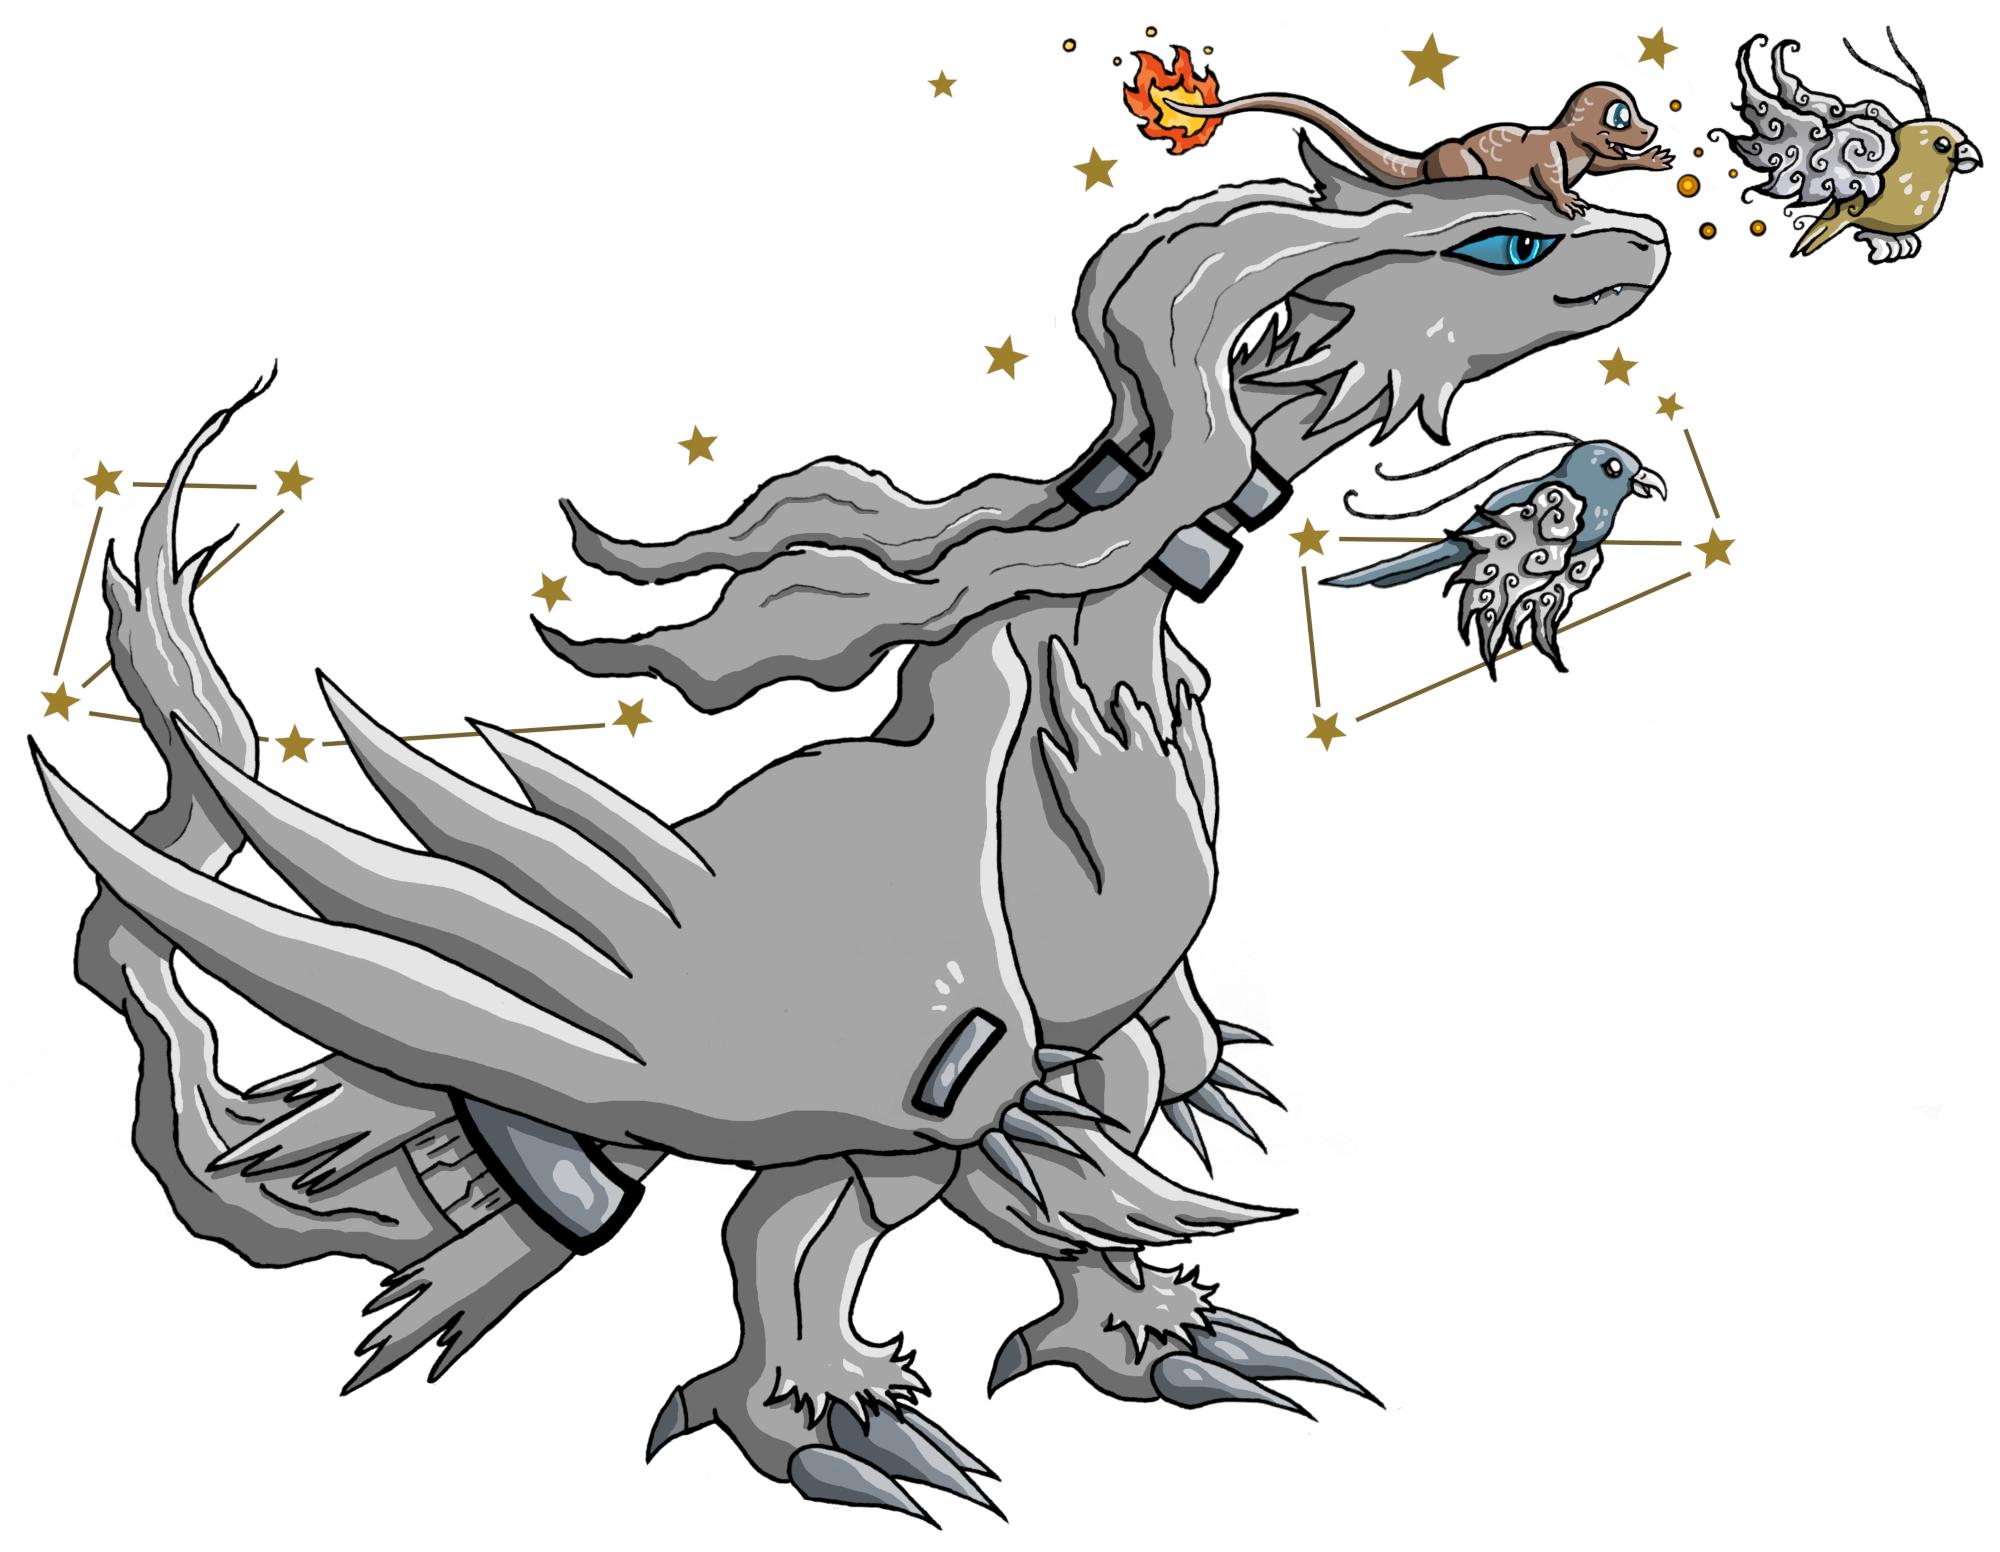 Pokémon-Zeichnung: Skygazing